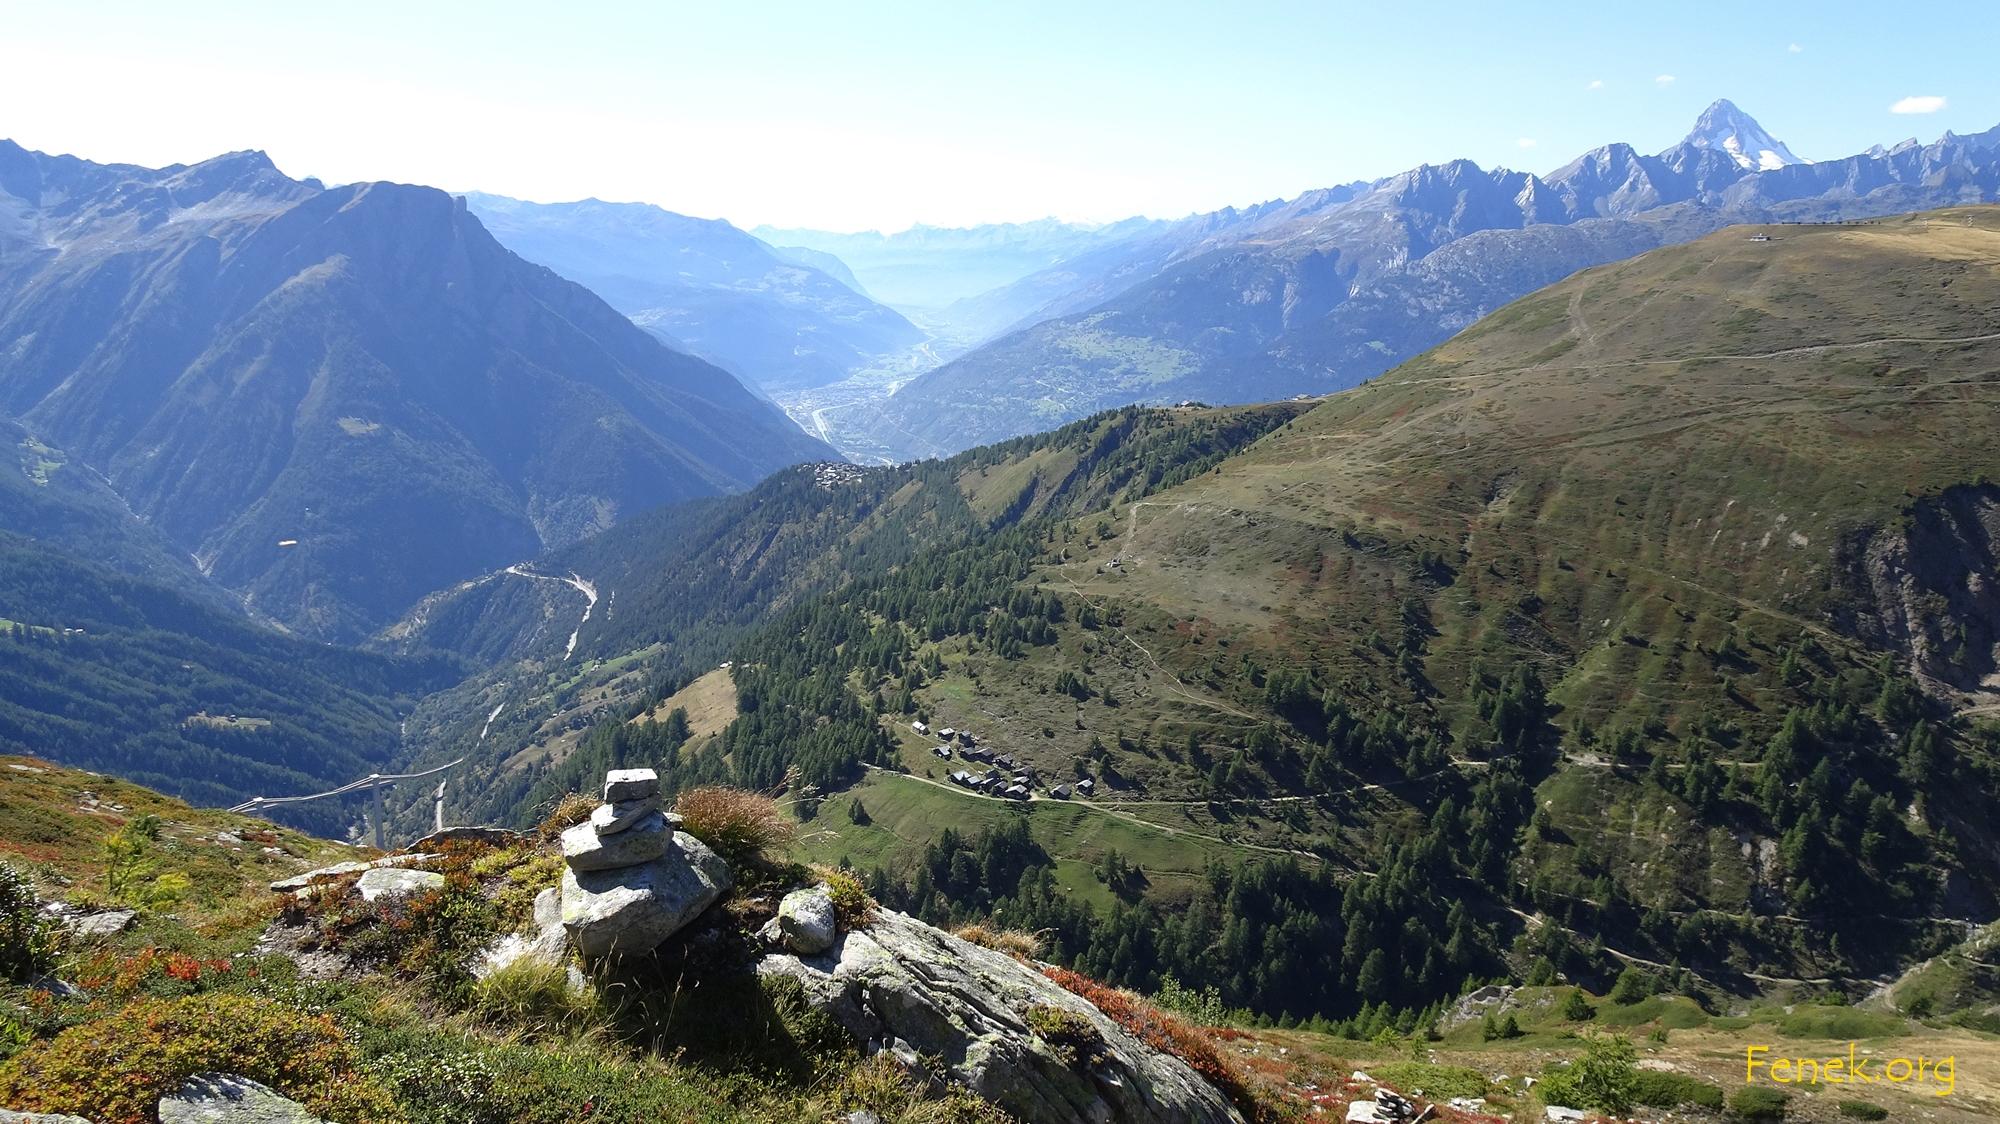 Stafel und Rosswald - es ist noch sehr weit......